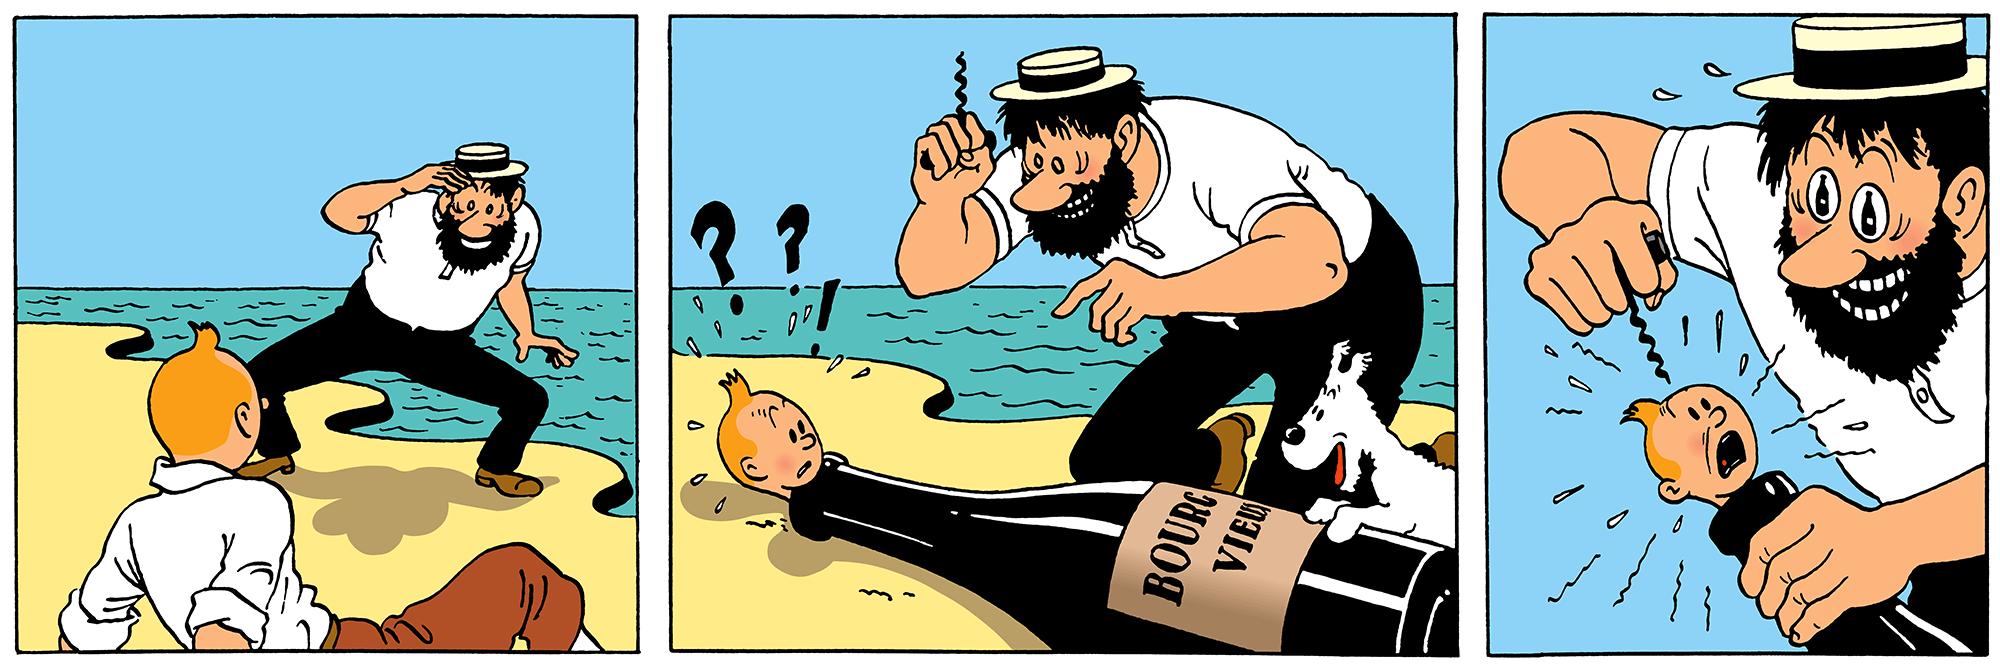 Le Capitaine Haddock hallucine et prend Tintin pour une bouteille de vin dans le crabe aux pinces d'or